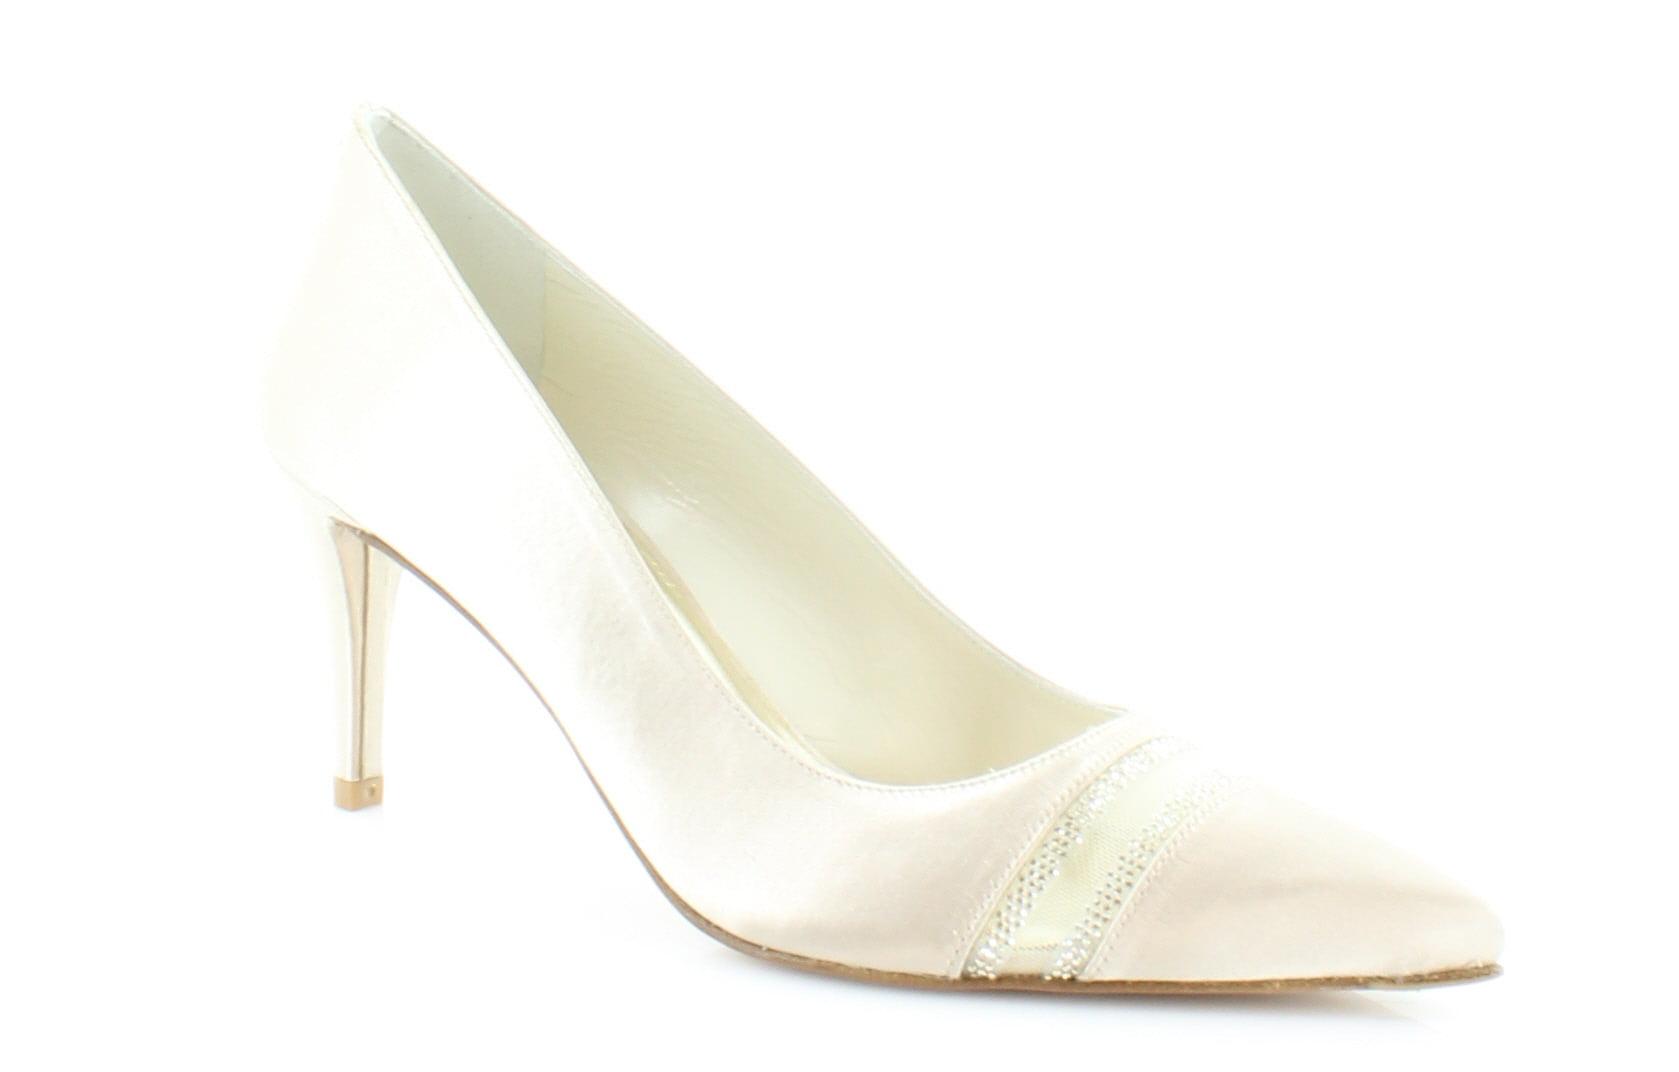 Stuart Weitzman Lyrics Women's Heels Economical, stylish, and eye-catching shoes